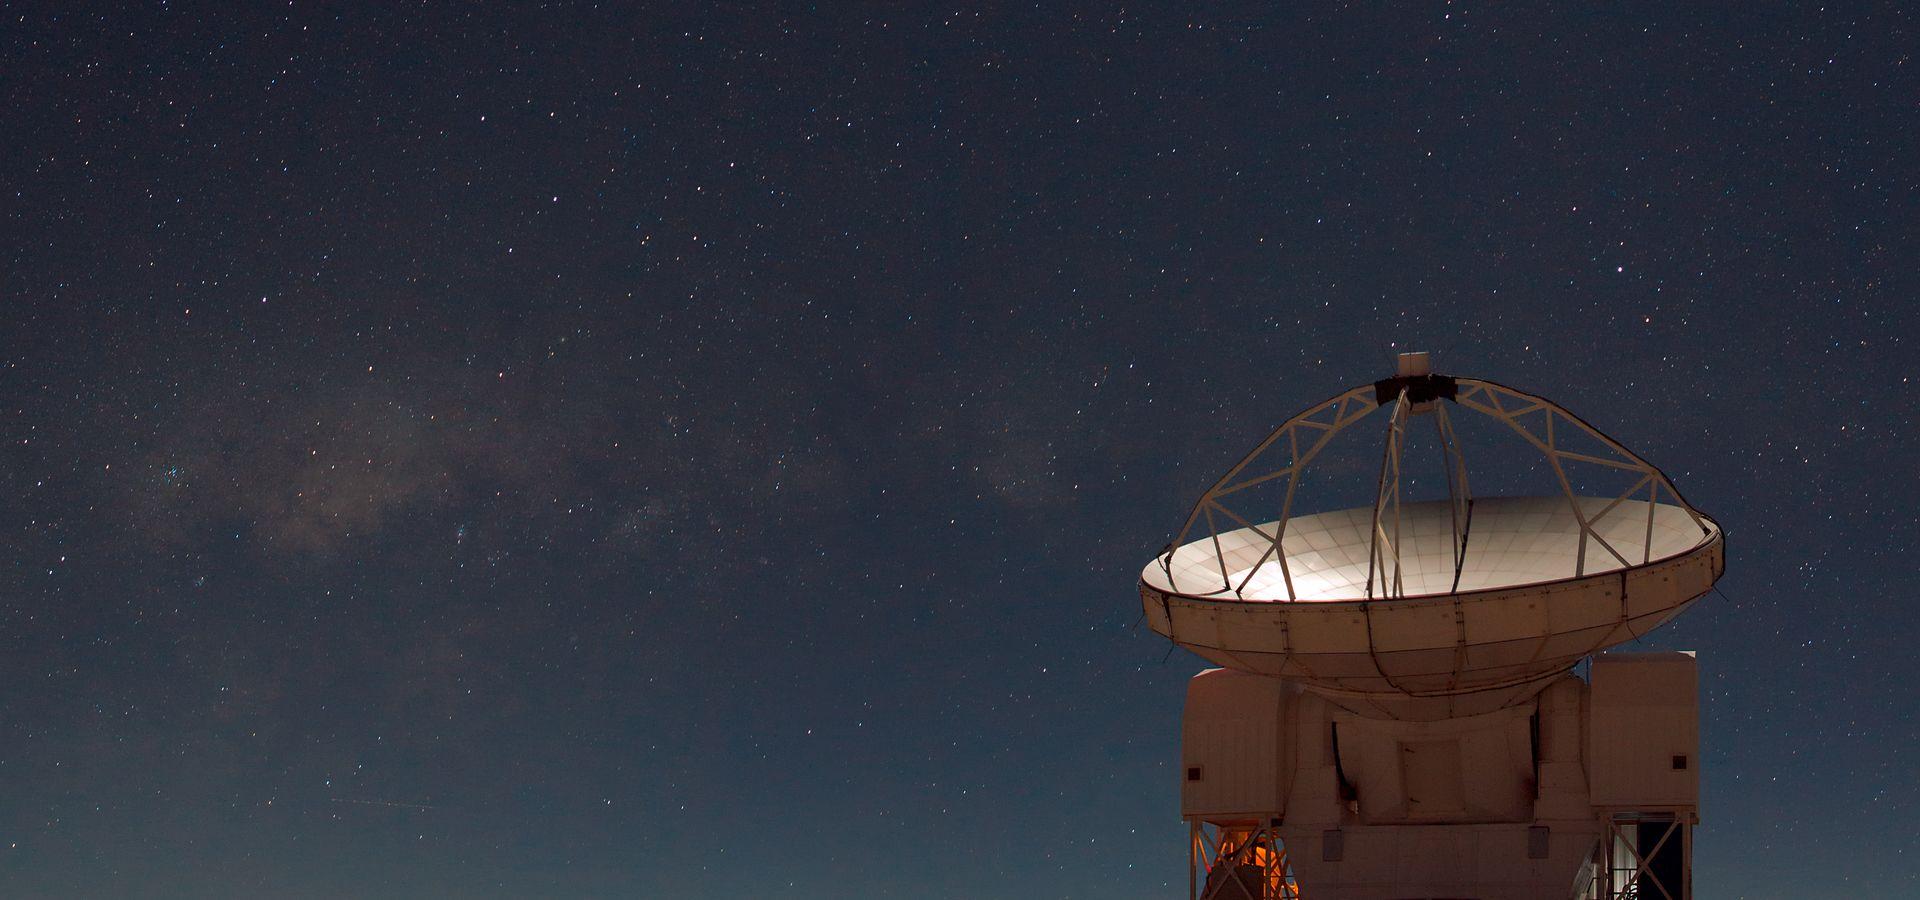 Astronomer on tour